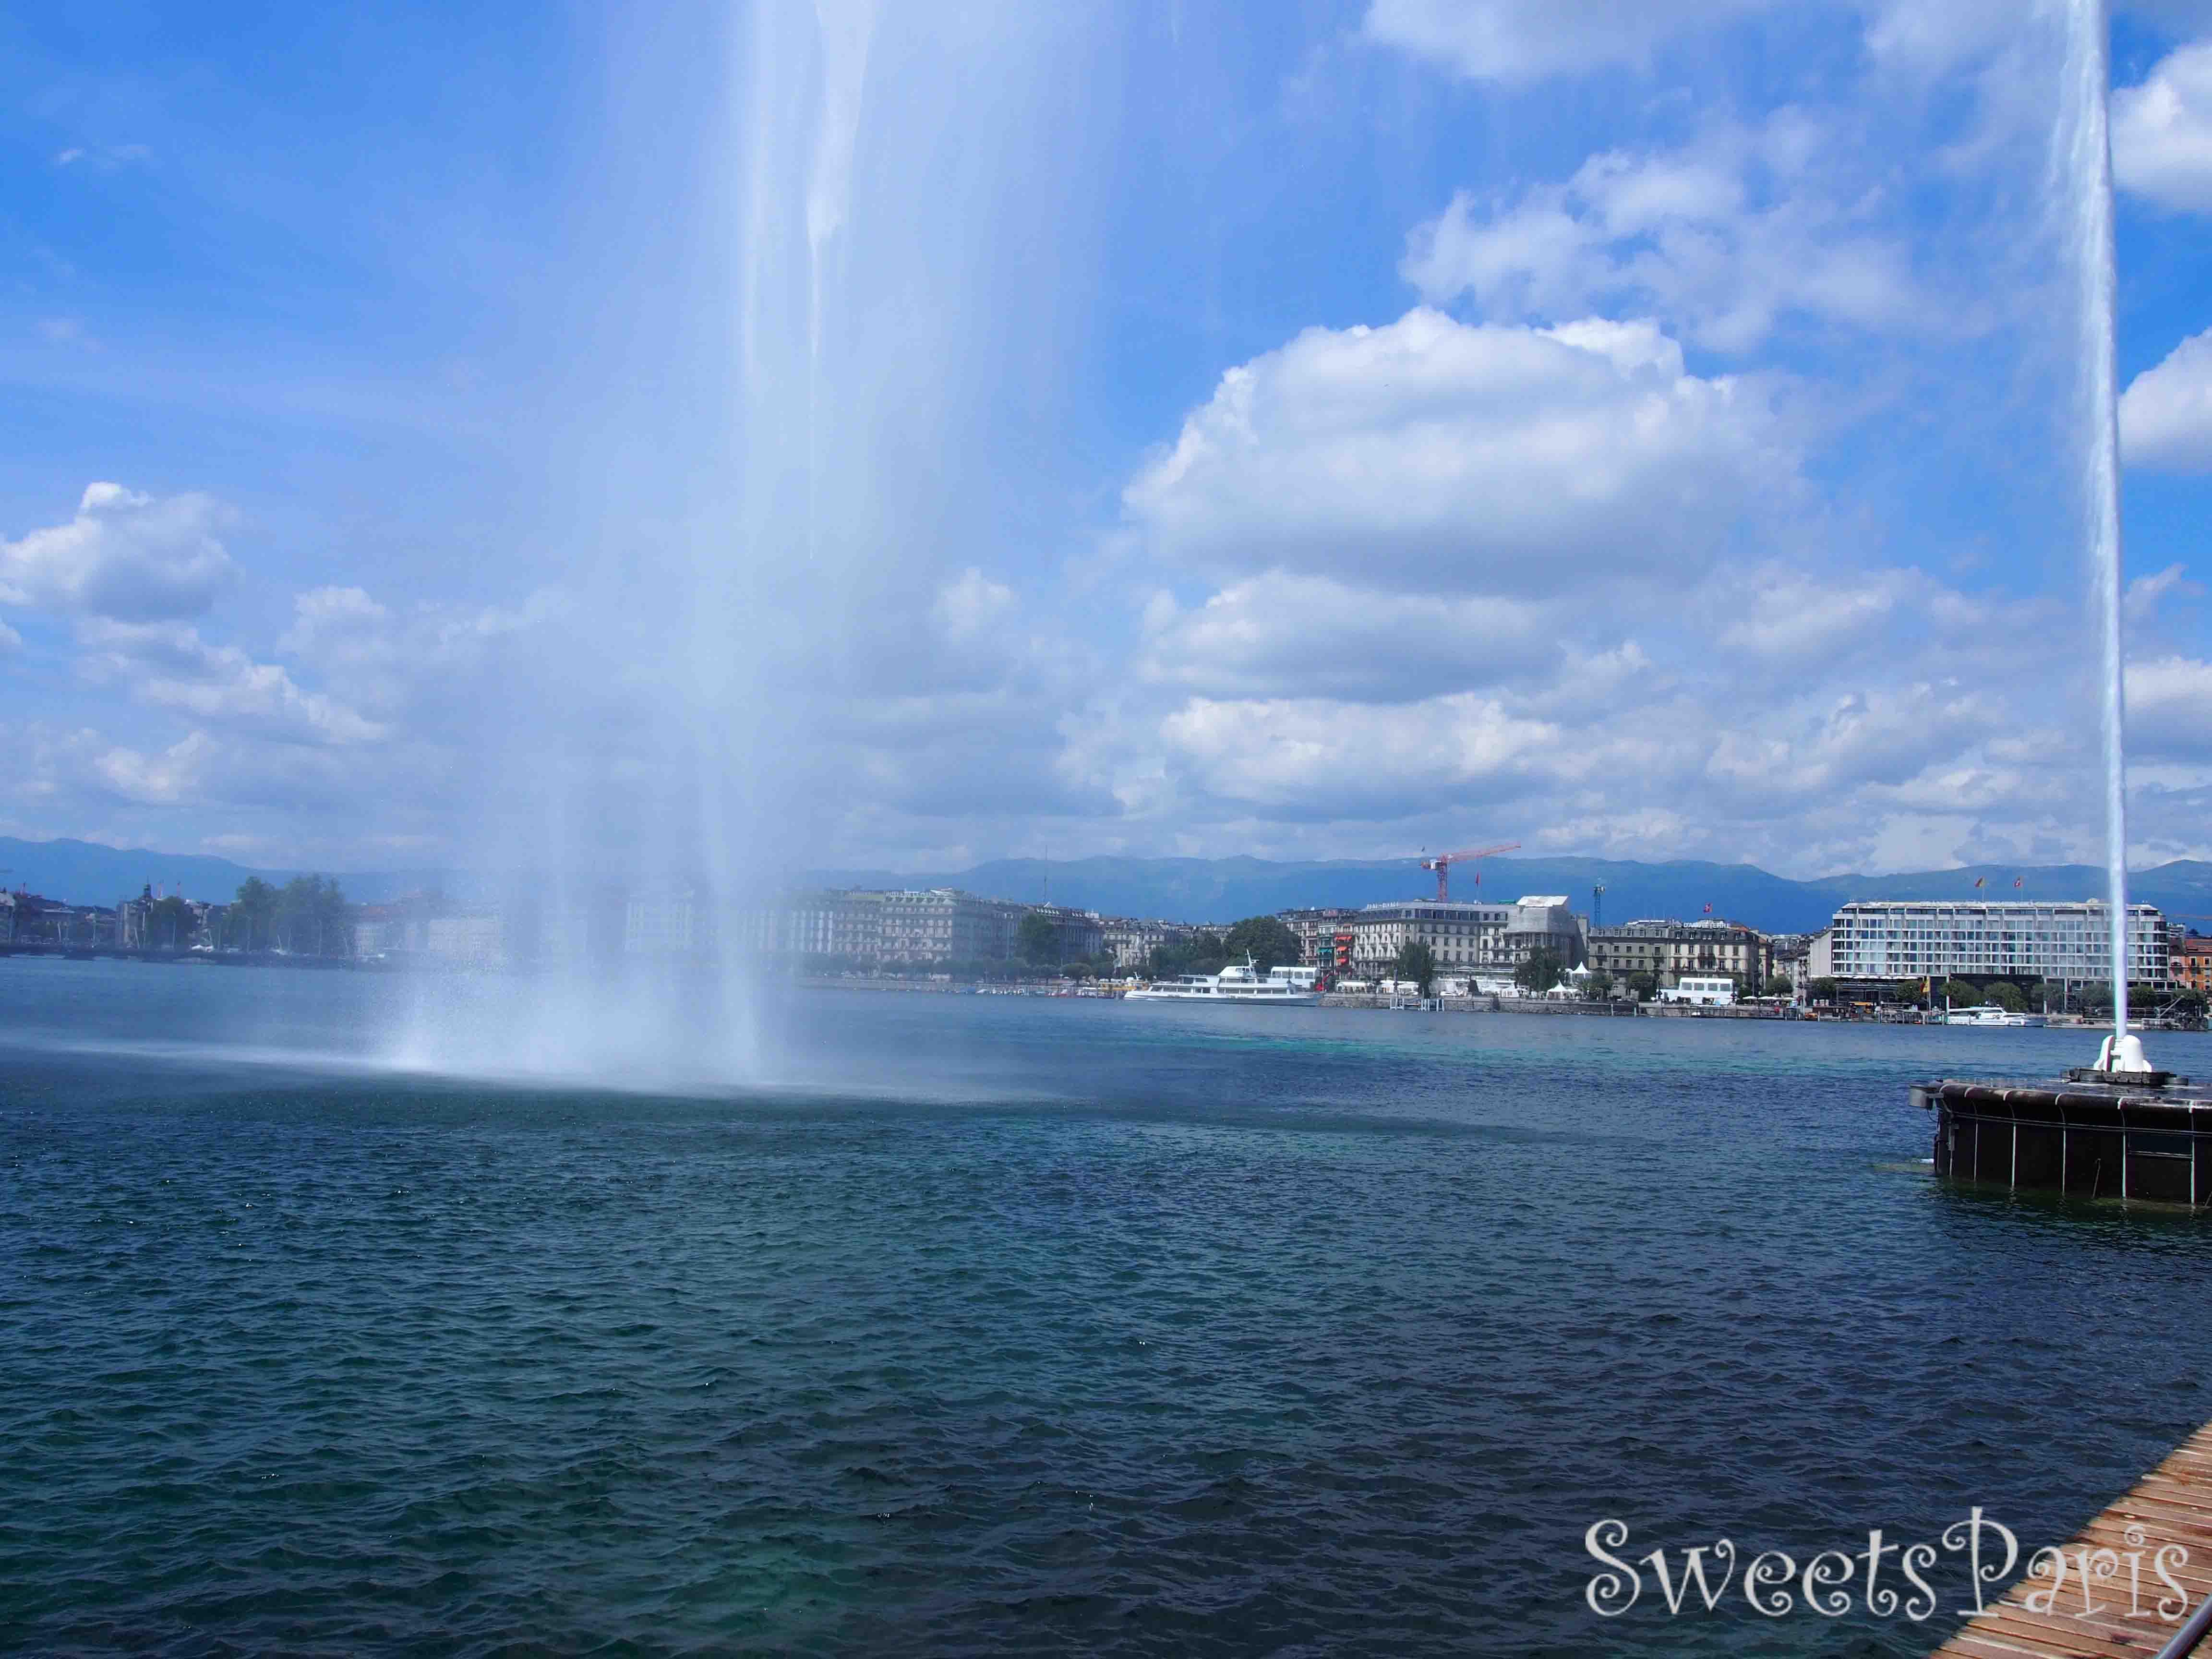 フランスからスイス・ジュネーブへの旅行